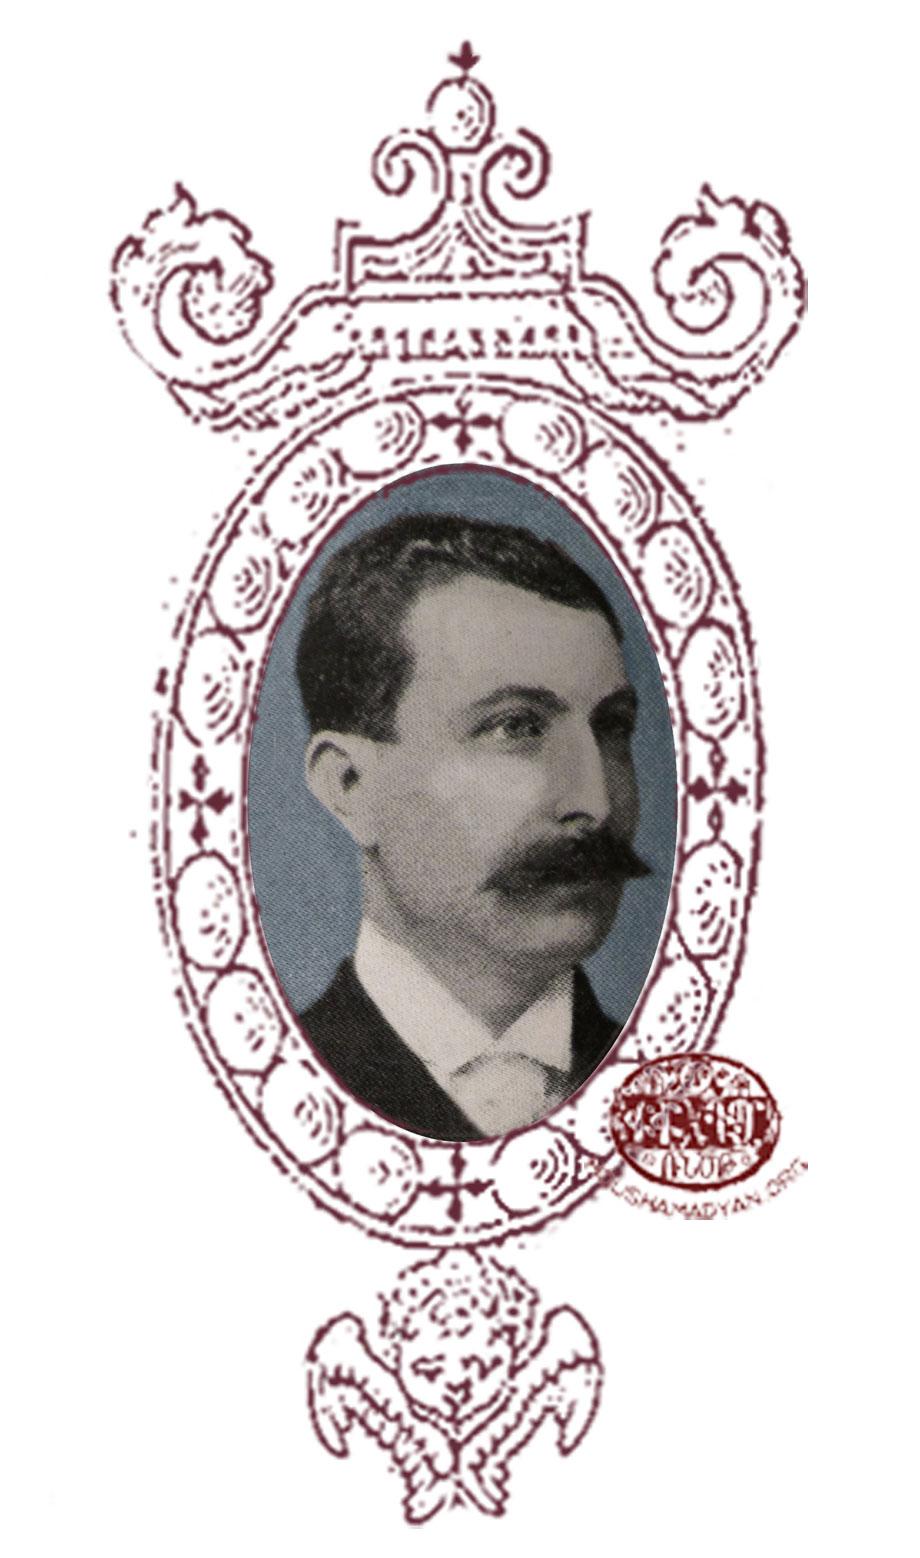 Hovhannes Garabedian